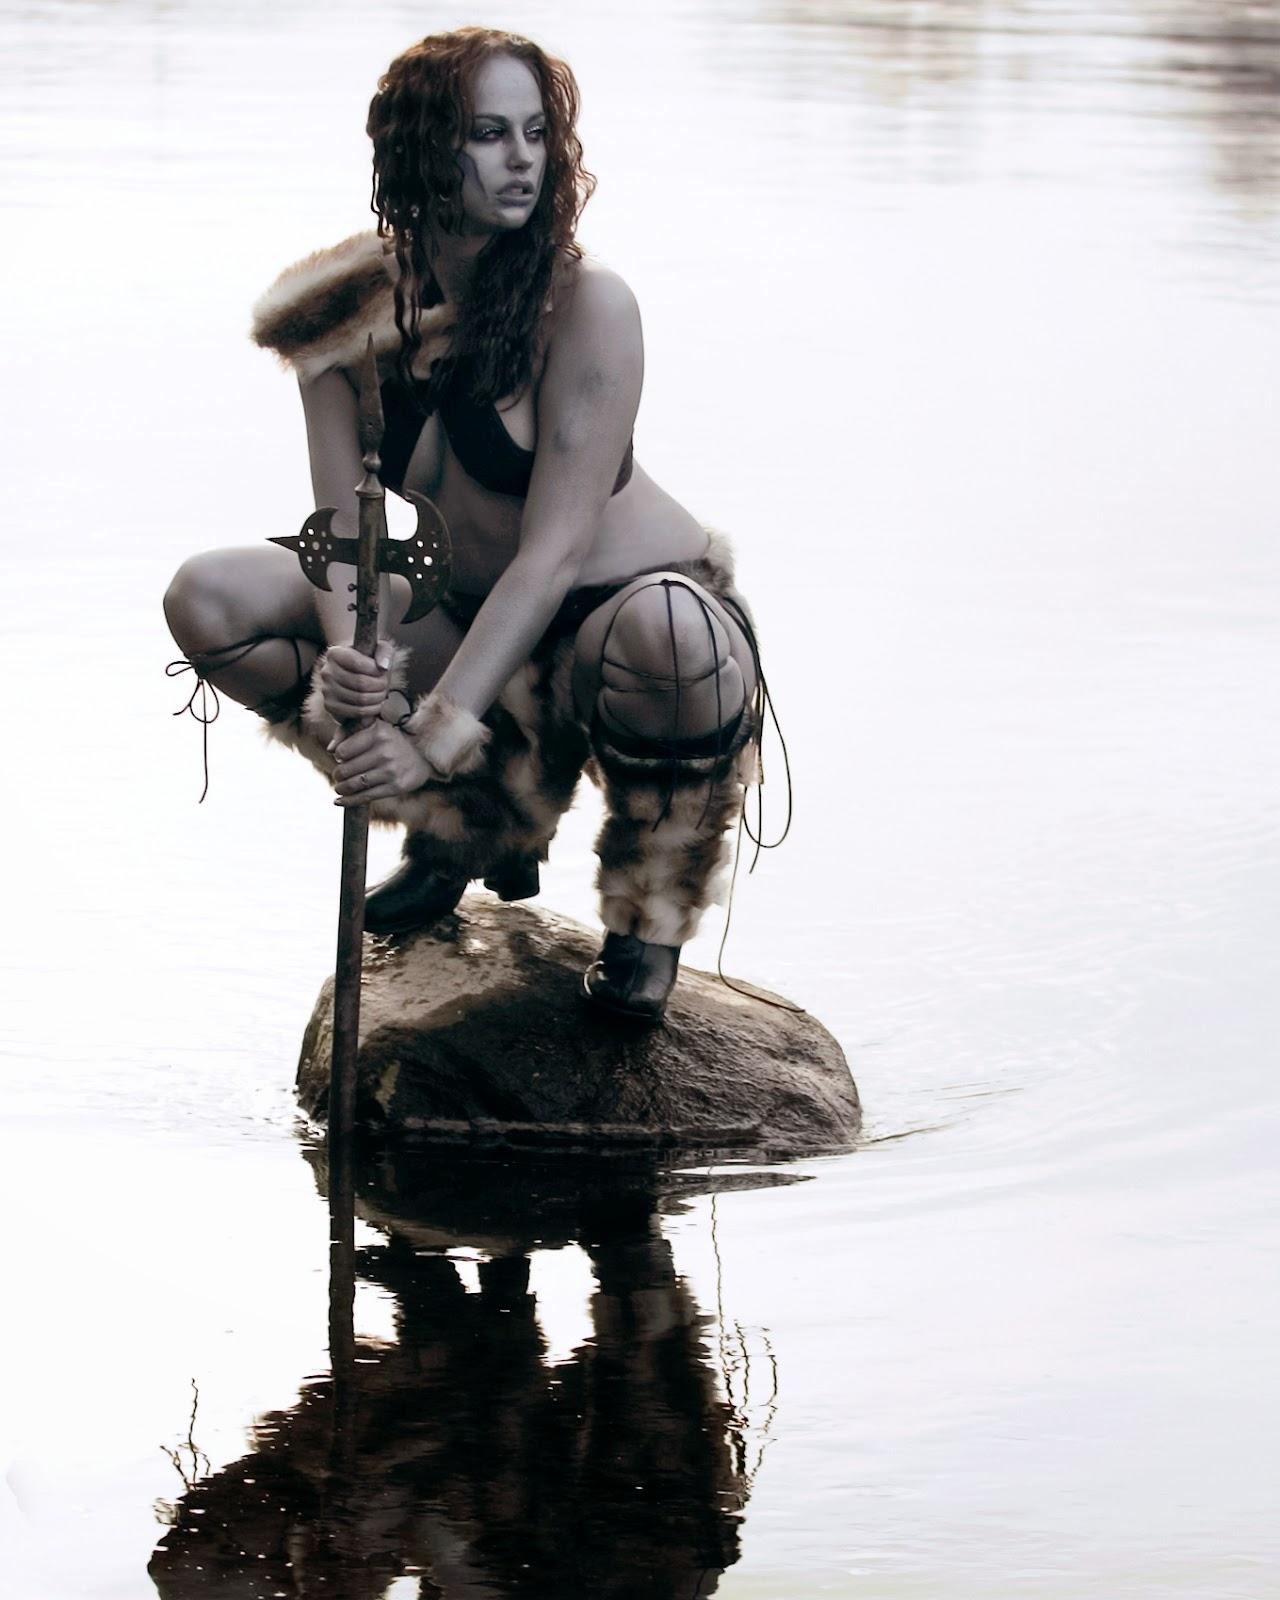 guerriere peau argentée accroupie sur un rocher au milieu d'une rivière